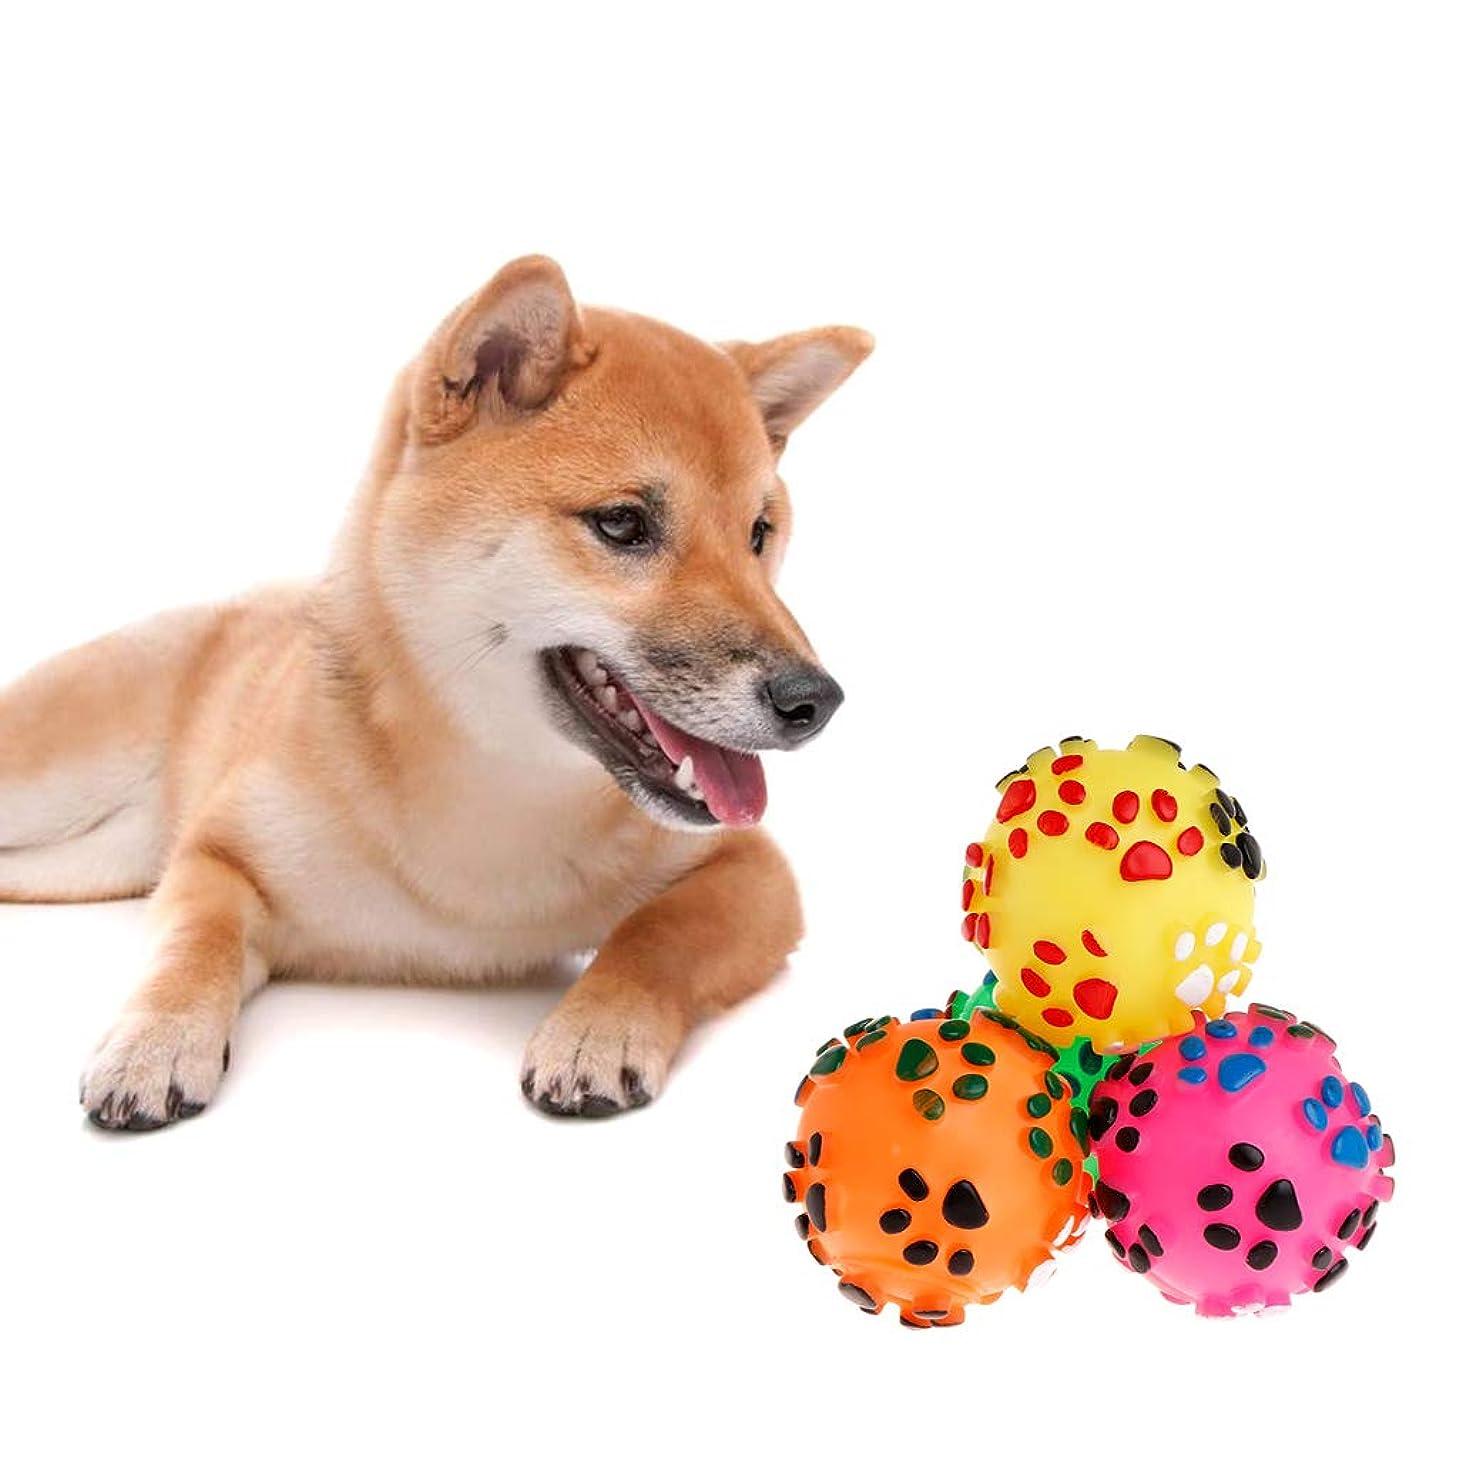 短くするやがて主観的Yhiptop ペットのおもちゃボールラバーソフトフットプリントボールプレイインタラクティブ犬子犬猫マッサージきしむ臼歯噛む噛むおもちゃ用品